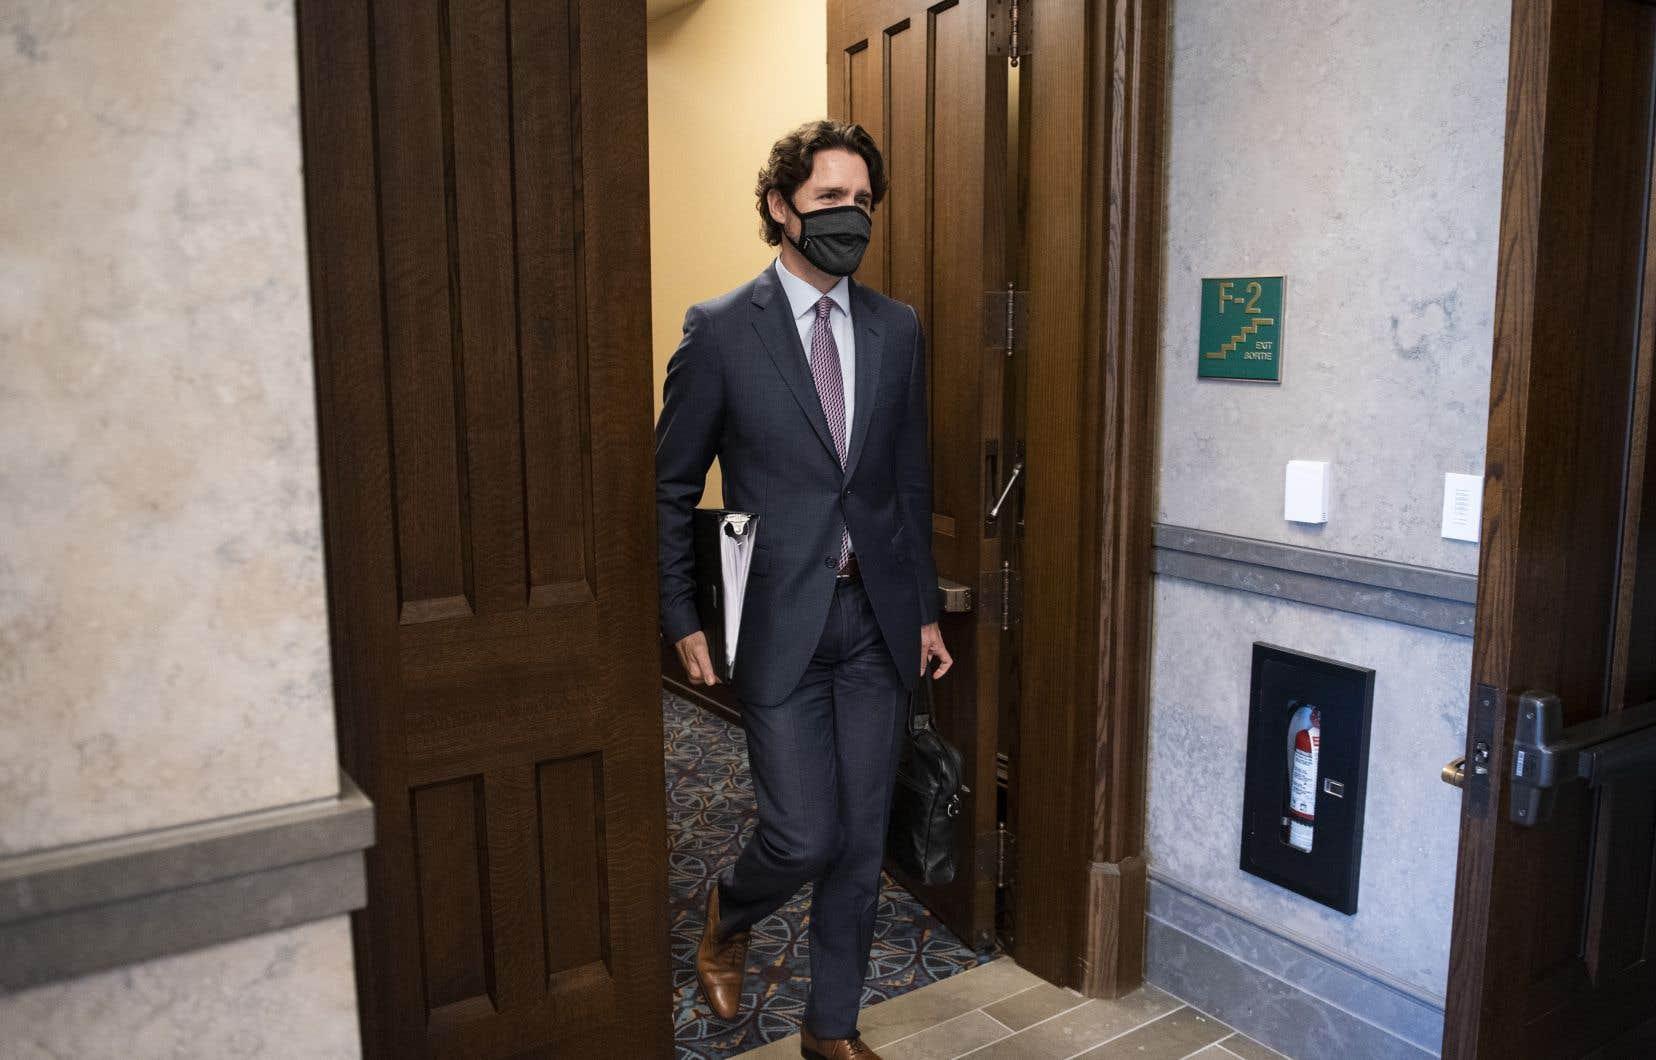 Justin Trudeau a déclaré mercredi qu'il était prêt à un G7 en personne pourvu que le gouvernement Trump prenne les mesures nécessaires pour garantir que les enjeux de santé publique sont correctement pris en compte.